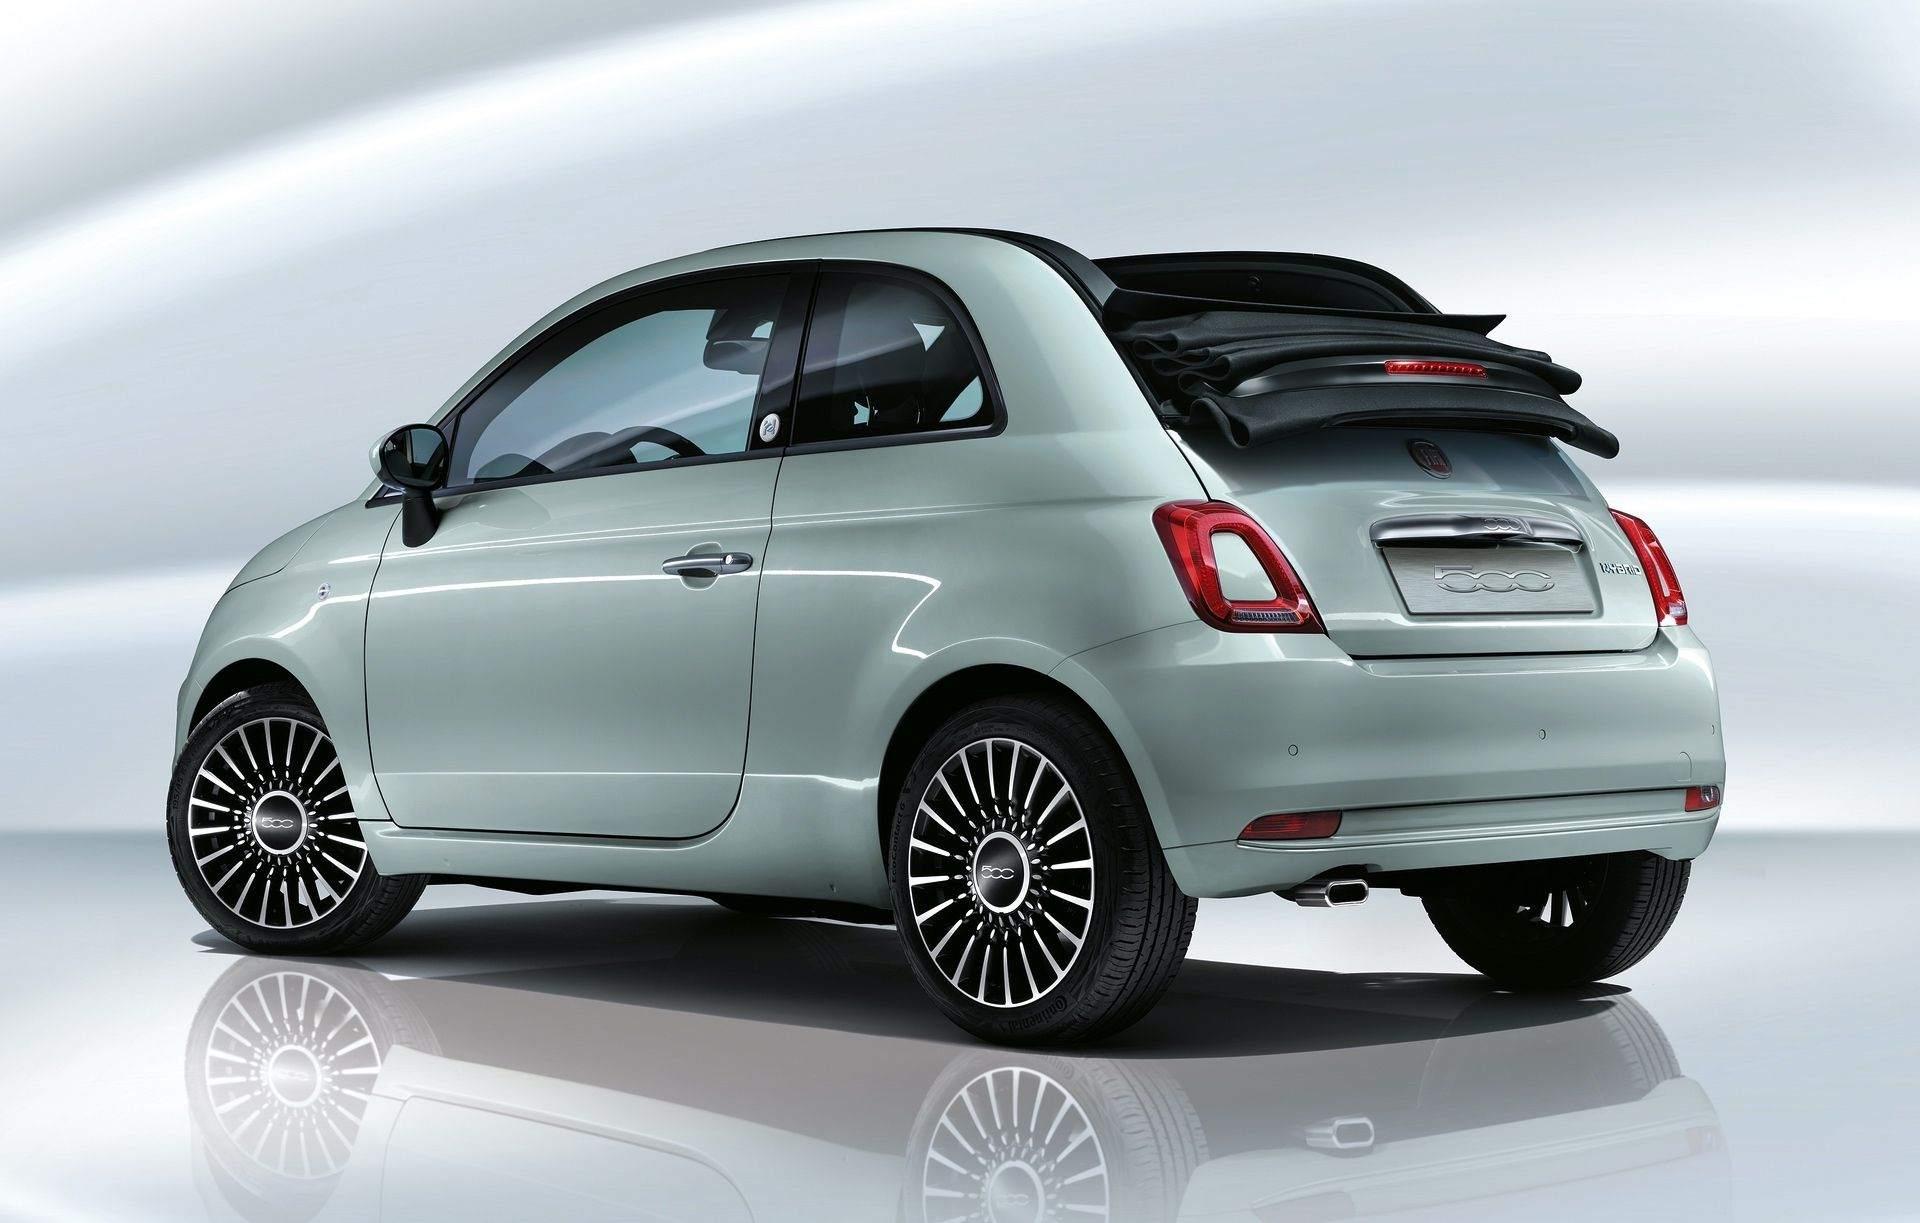 200108_Fiat_500-Hybrid-Launch-Edition_04